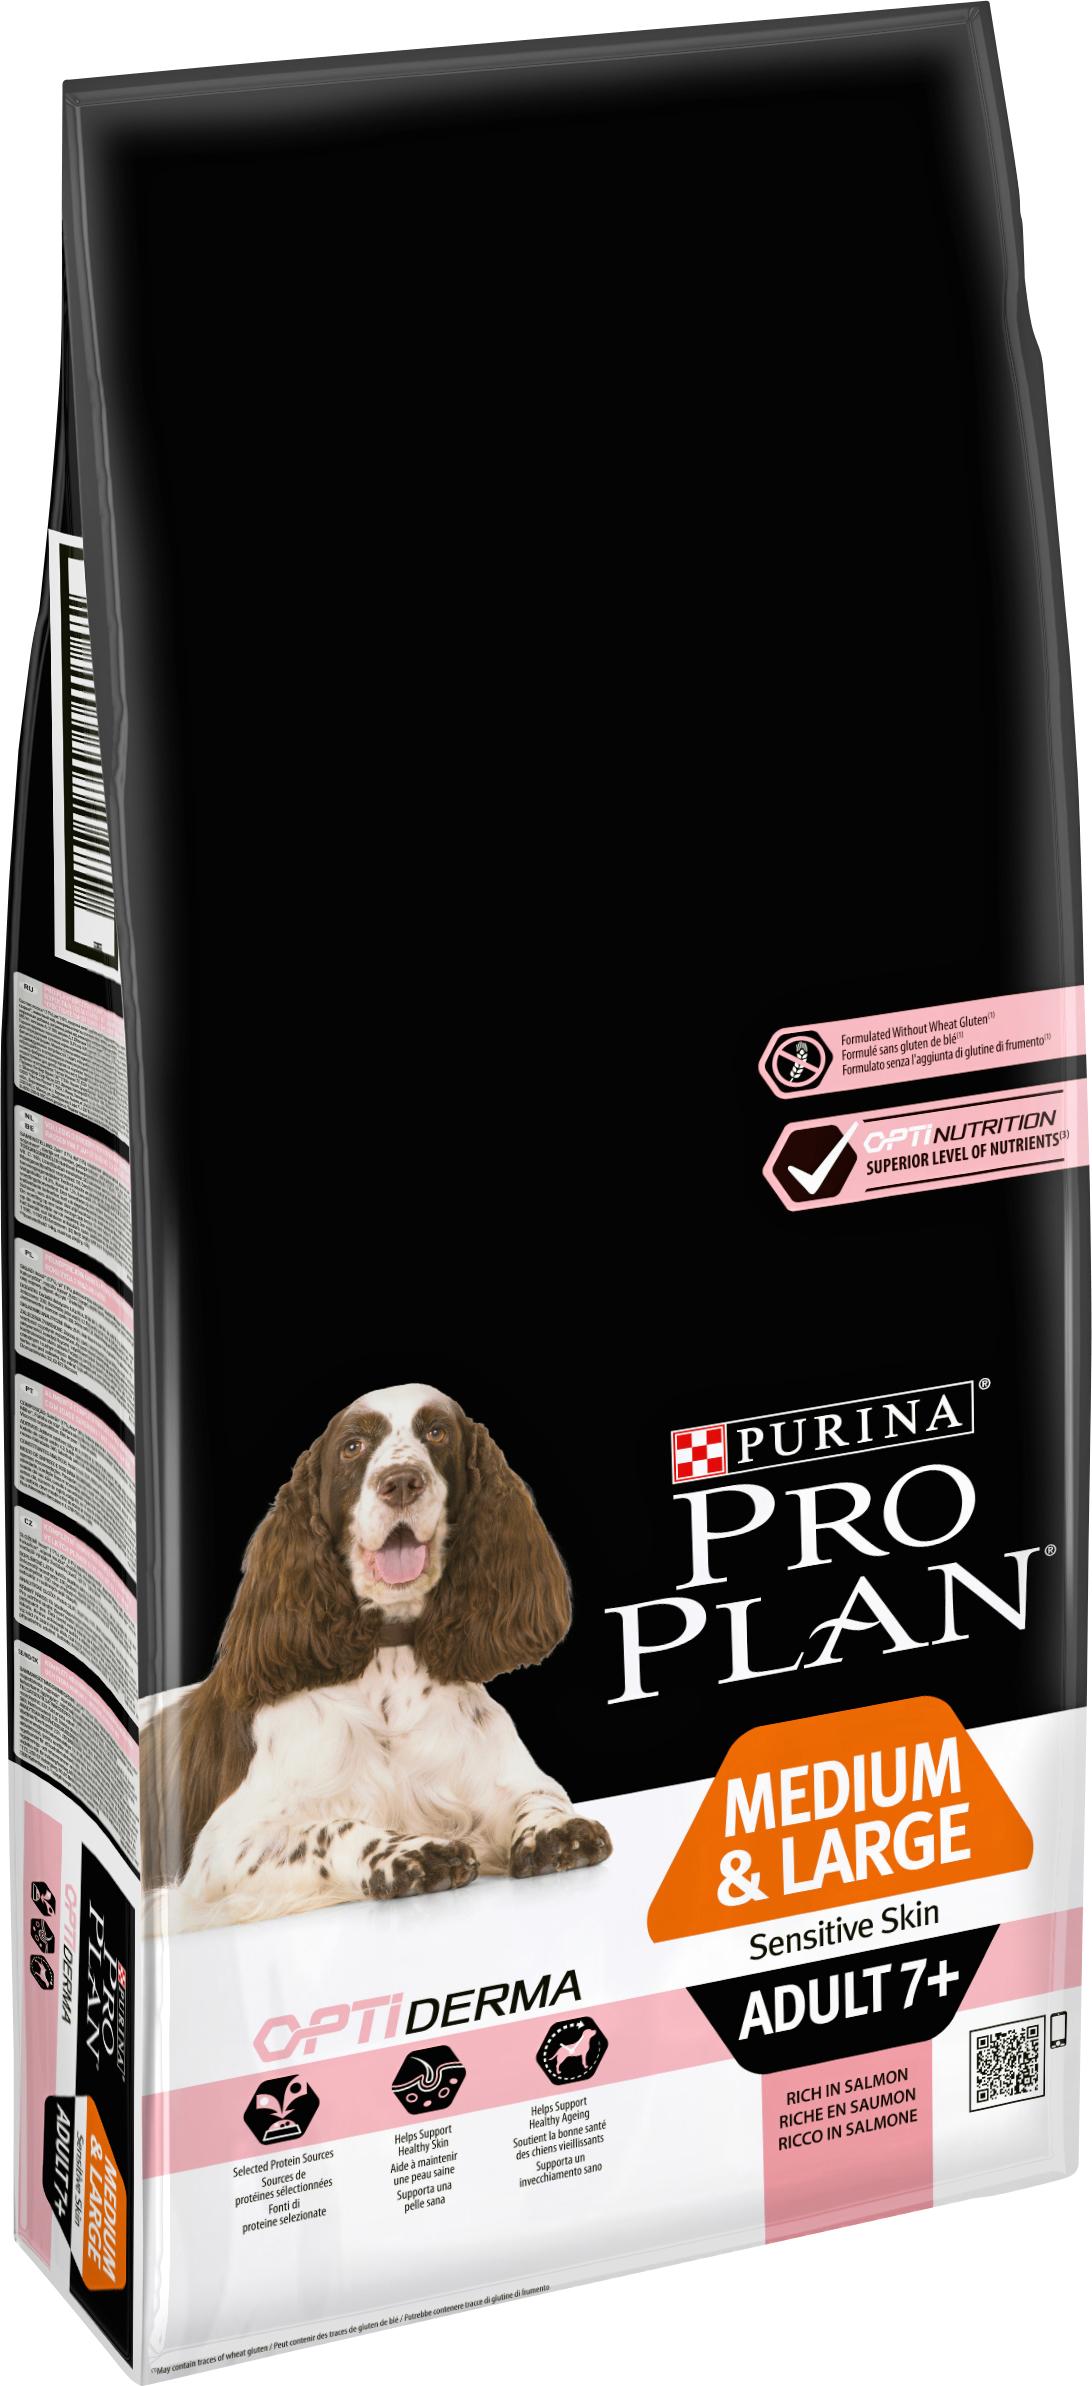 Hundfoder Pro Plan Medium & Large Adult 7+ Sensitive Skin, 14 kg